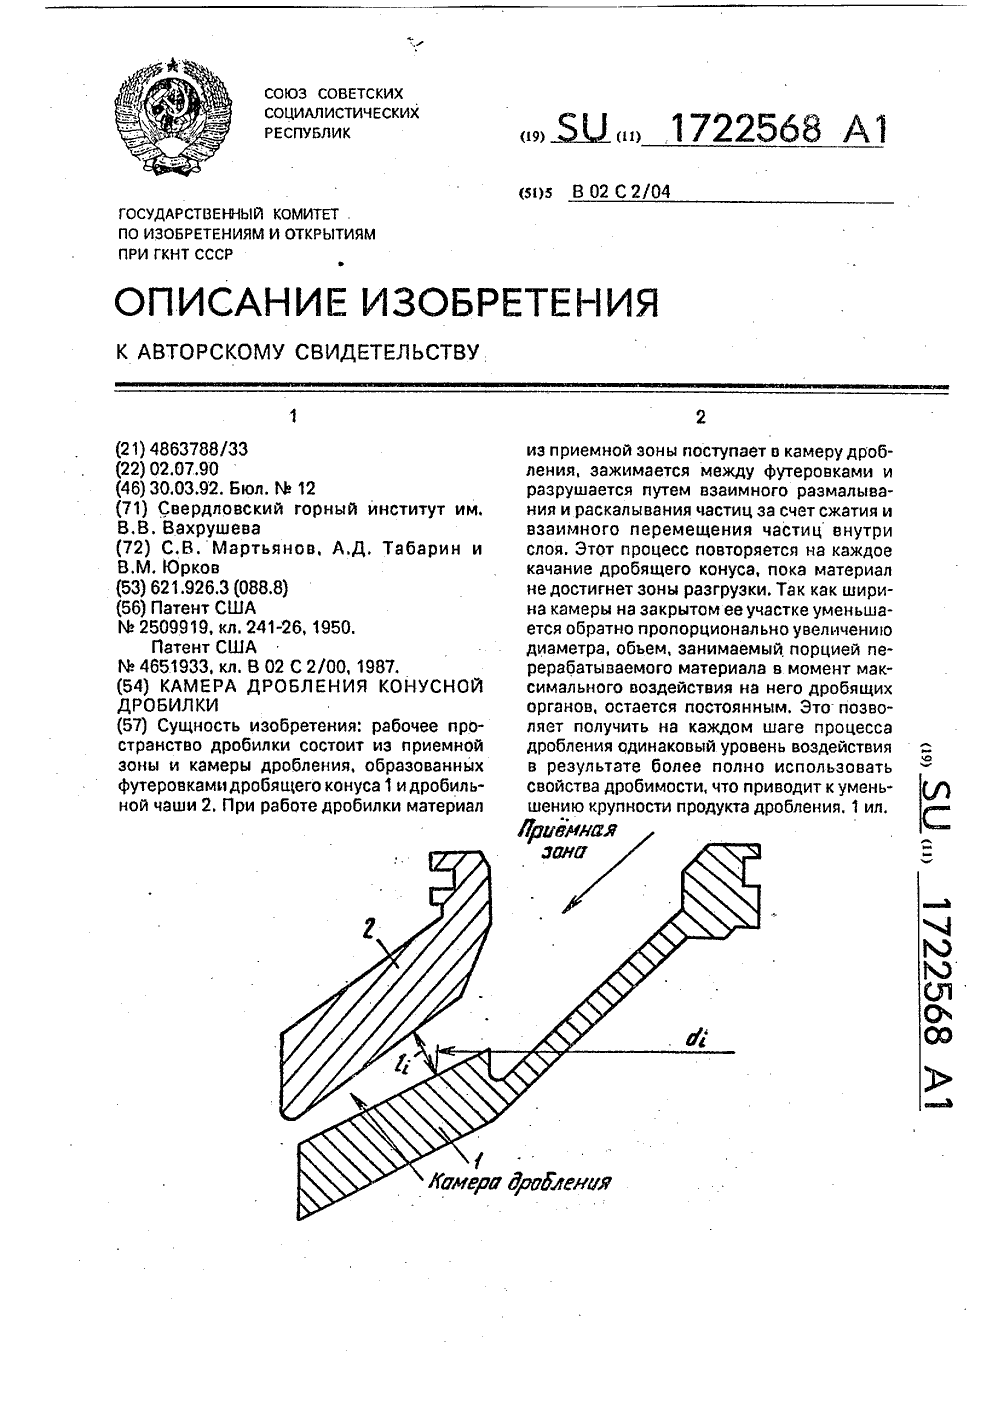 Щековые дробилки характеристики в Советск молотковые дробилки смд в Борисоглебск